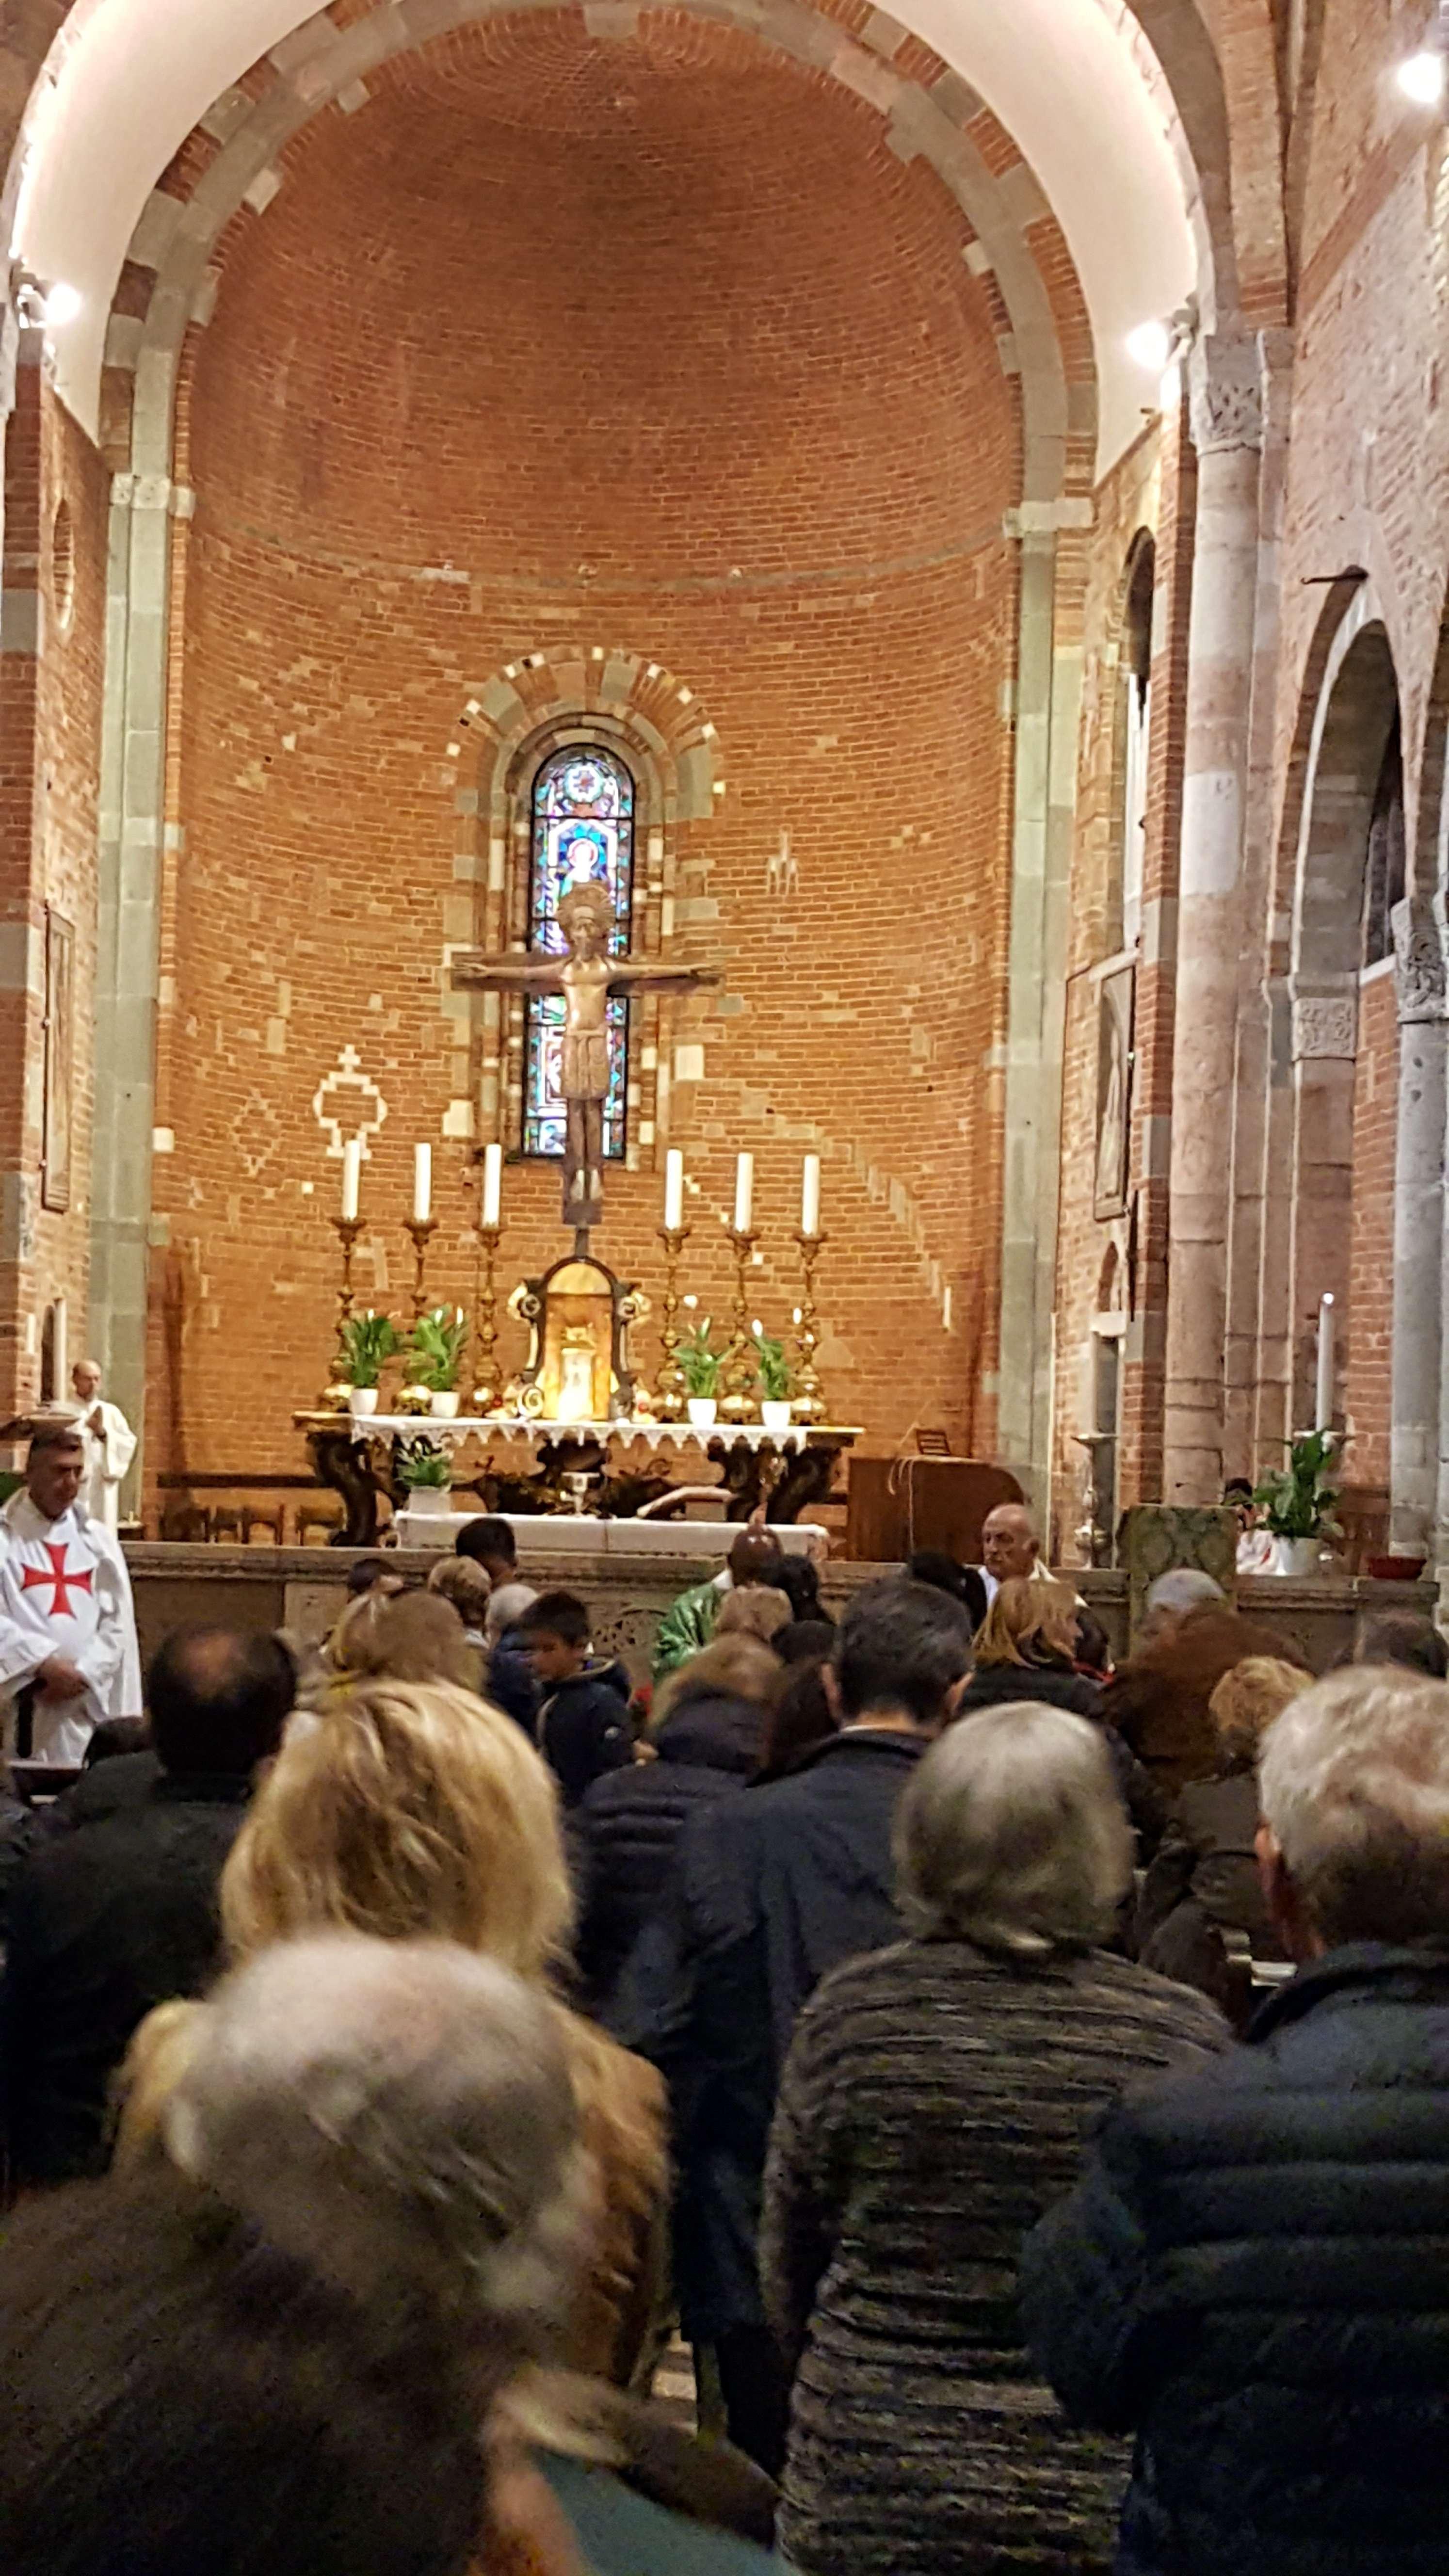 Custodia e S. Messa chiesa S. Savino (PC) ottobre 2019